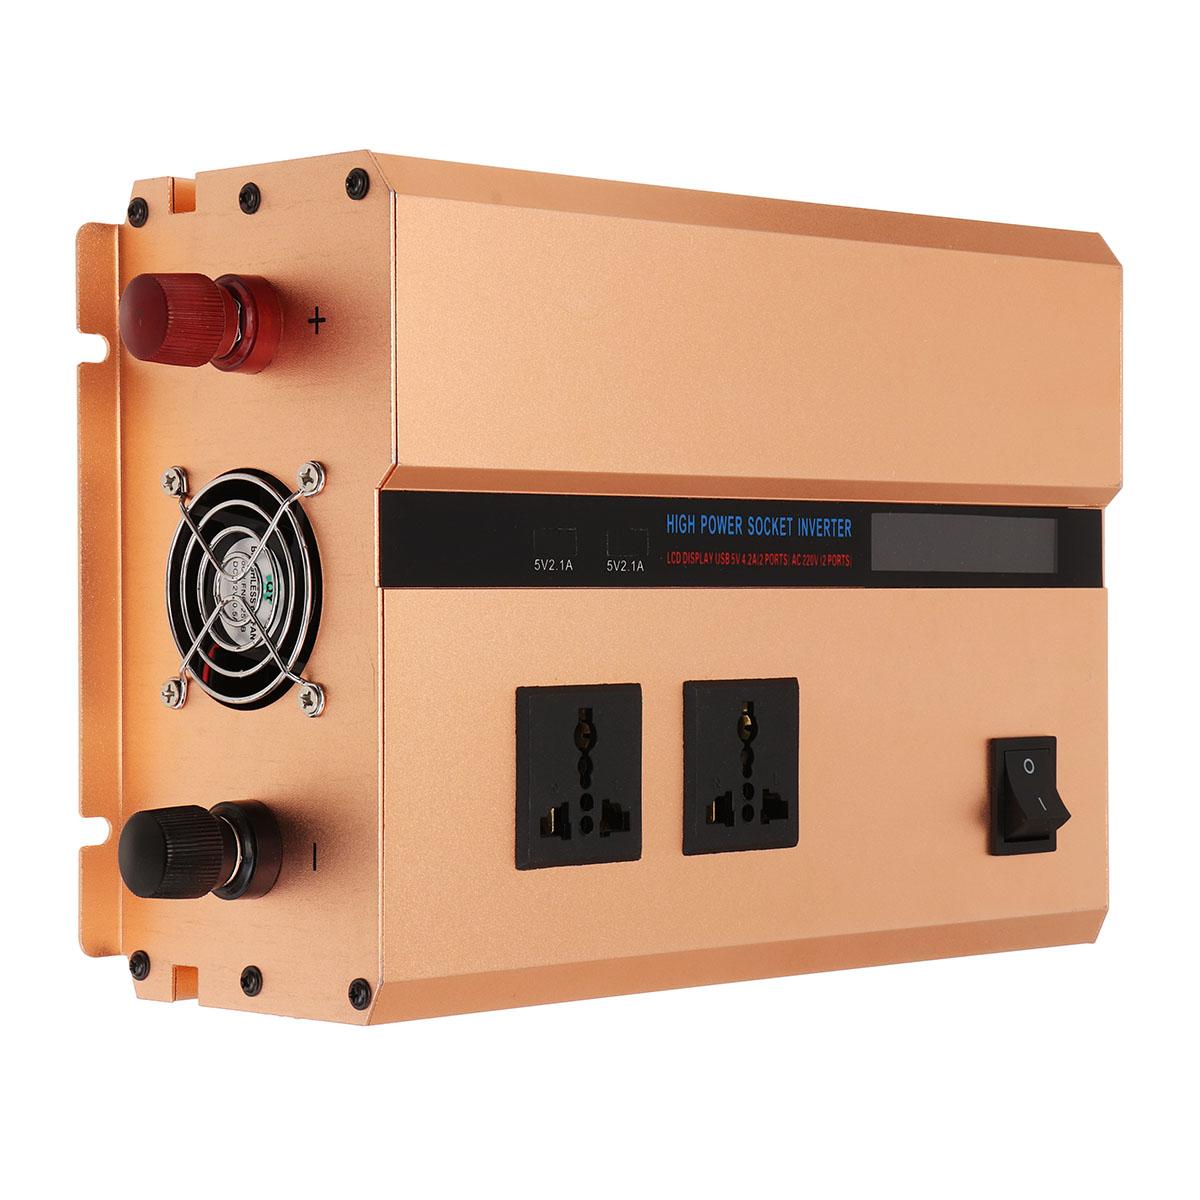 edecoa 3000w power inverter manual